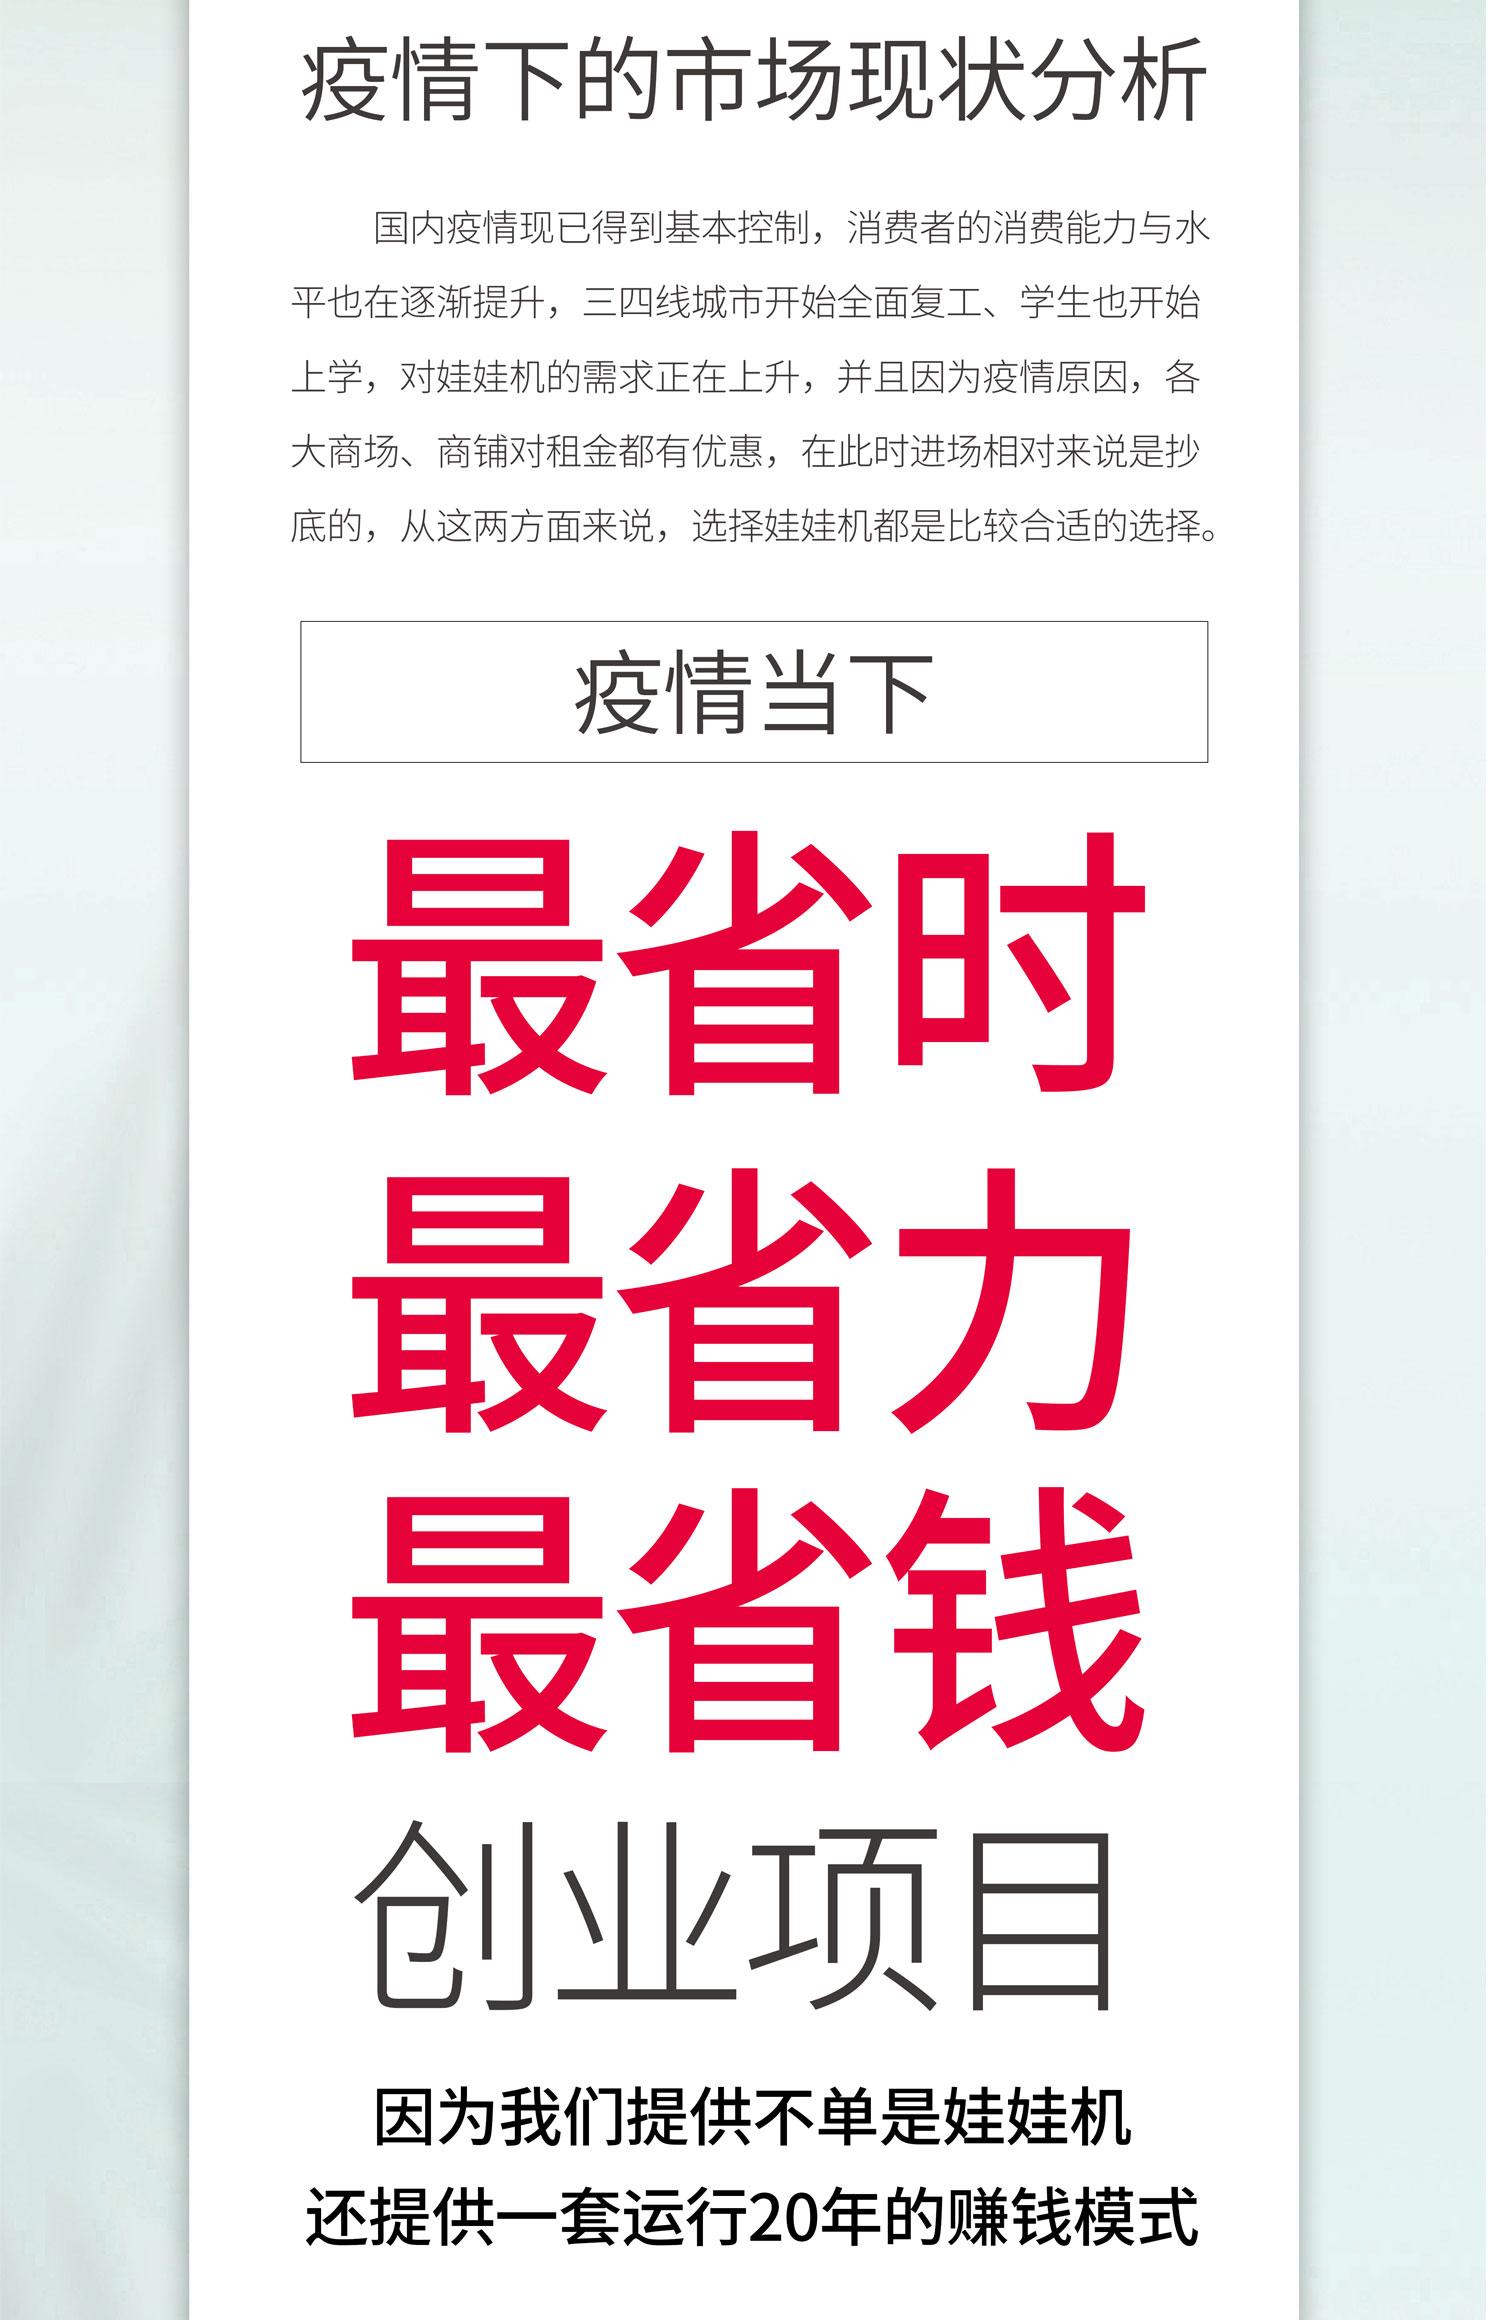 网站www.9778.com租赁详情终板_03.jpg